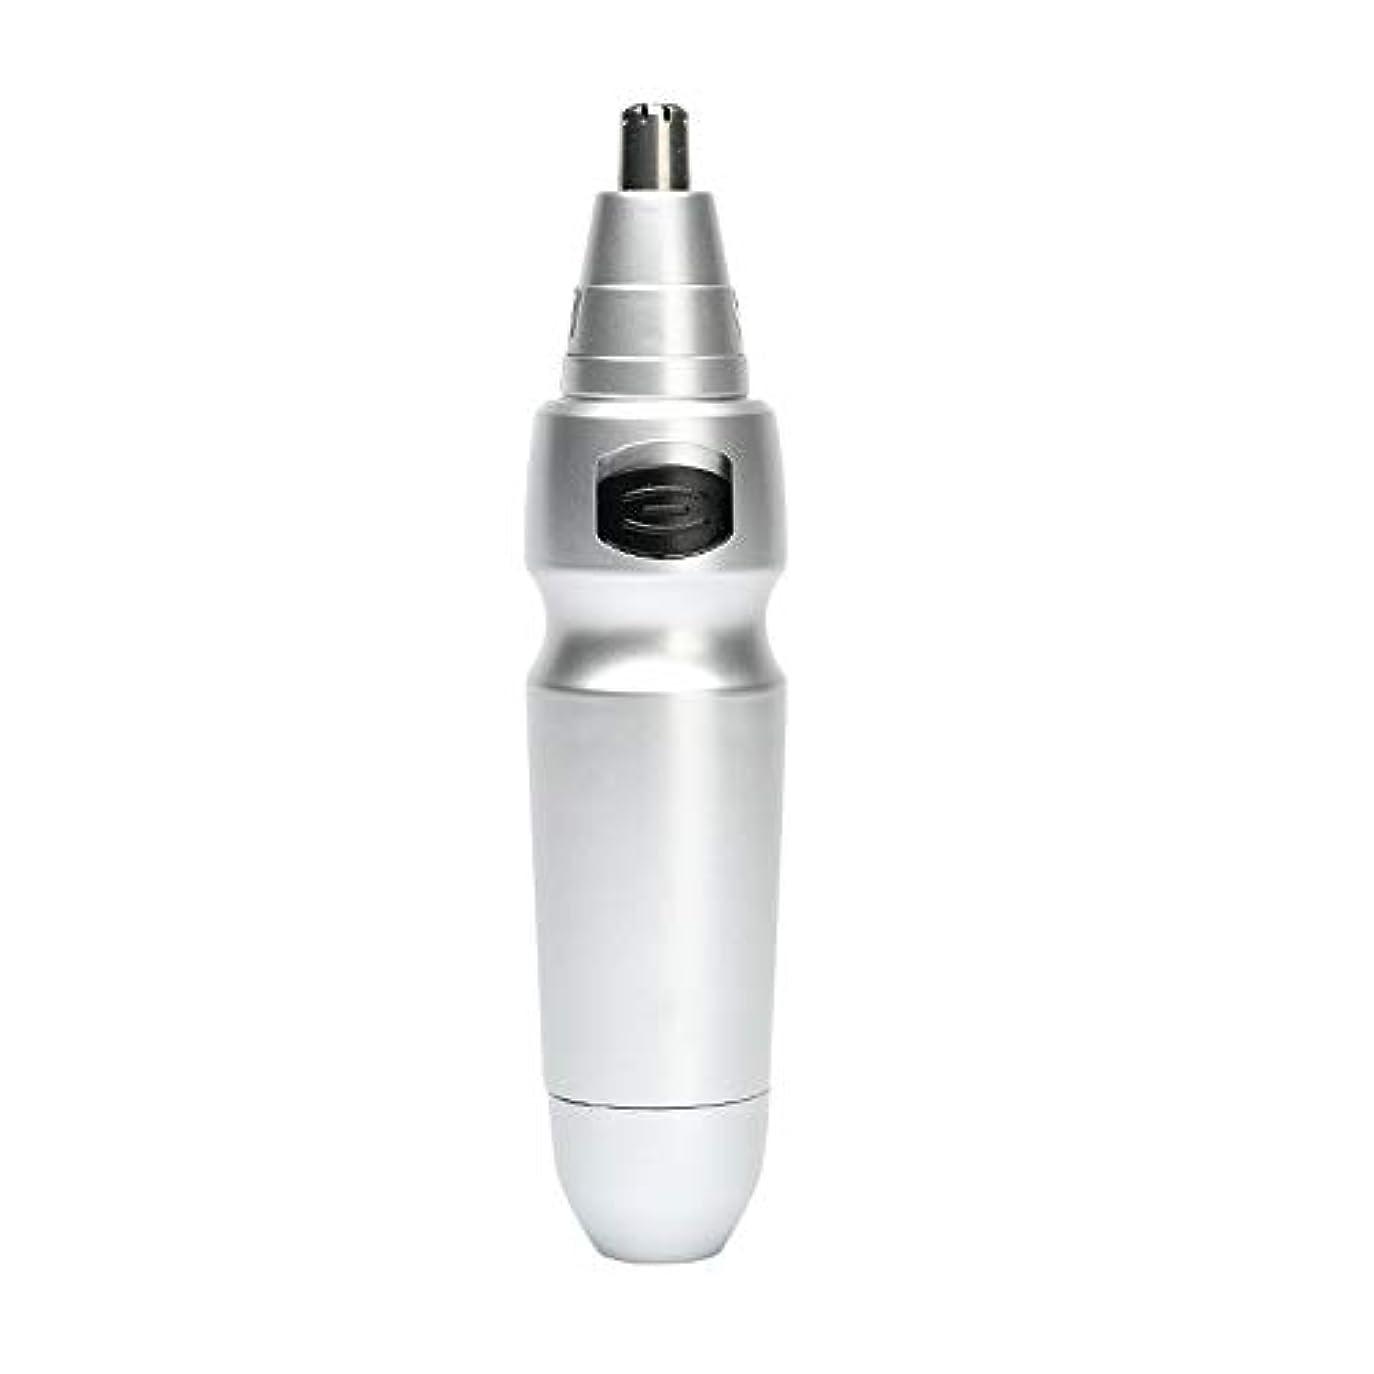 オフセットシンカン肺ノーズヘアトリマー-男性用女性シェービングノーズ/三次元アーチ、カッターヘッドデザイン/高速ロータリーカッターヘッド/ 130 * 28mm 持つ価値があります